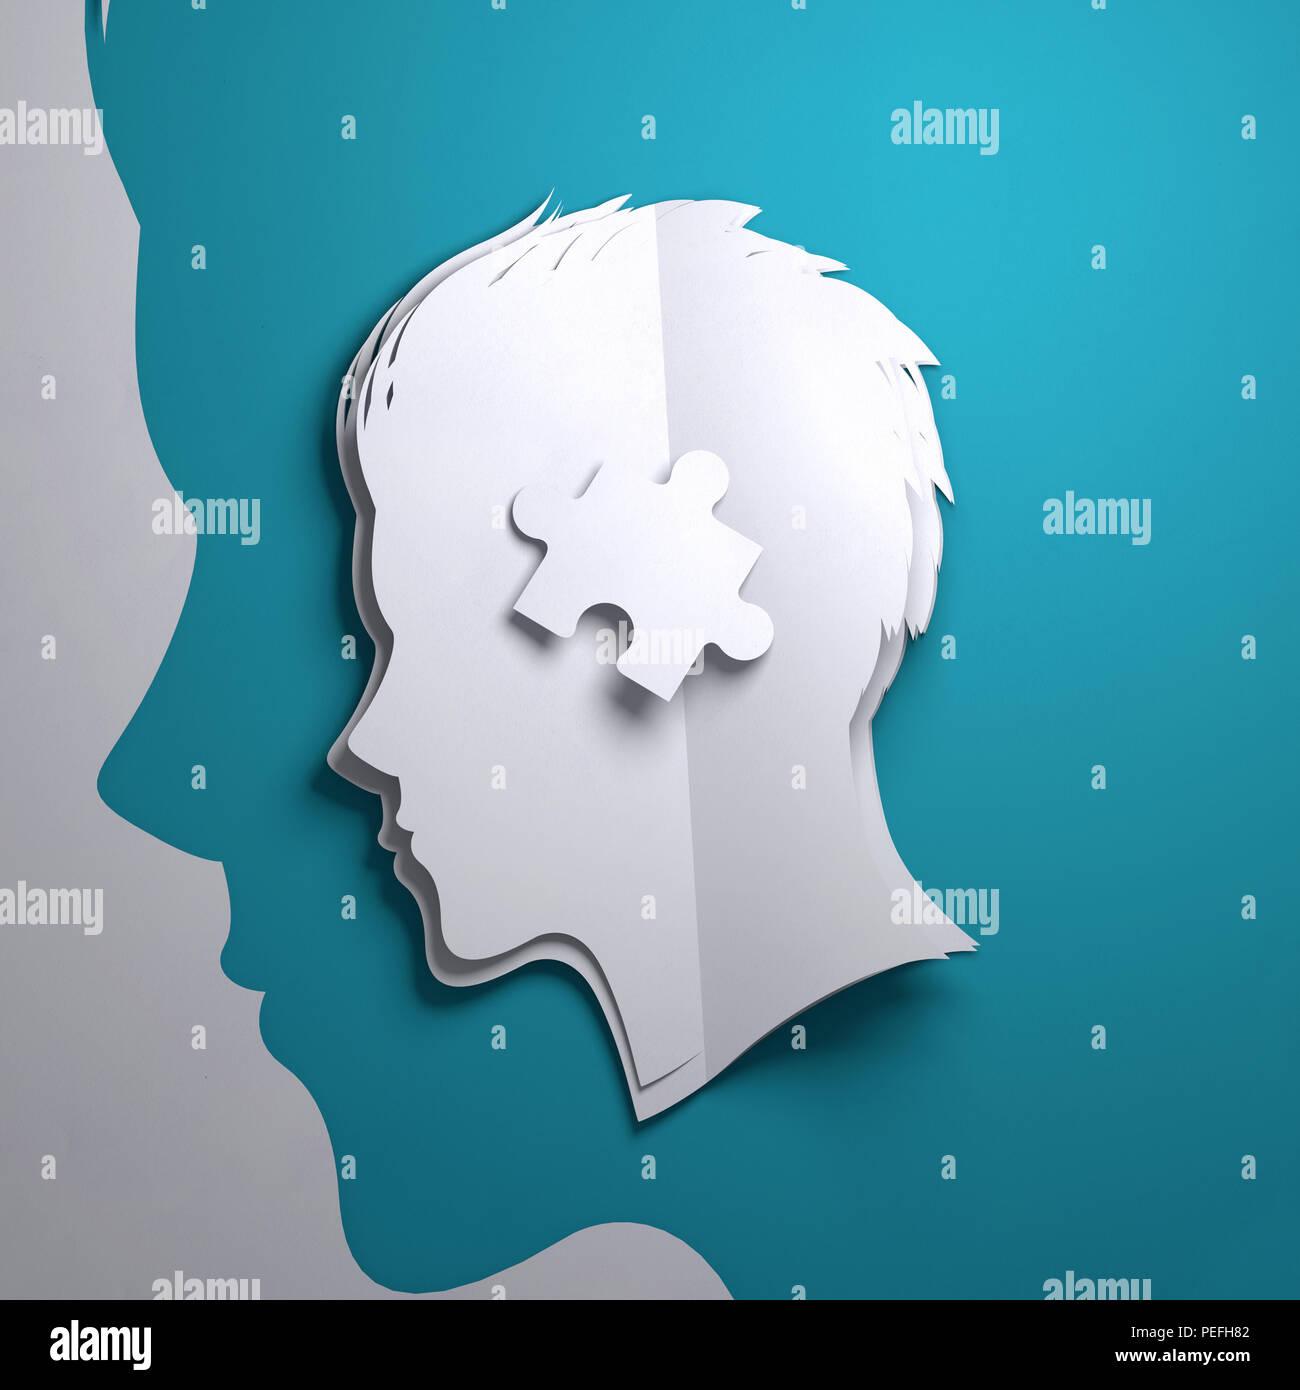 Carta piegata arte origami. La silhouette di una testa di persone con un pezzo di puzzle. Conceptual mindfulness 3D'illustrazione. Foto Stock